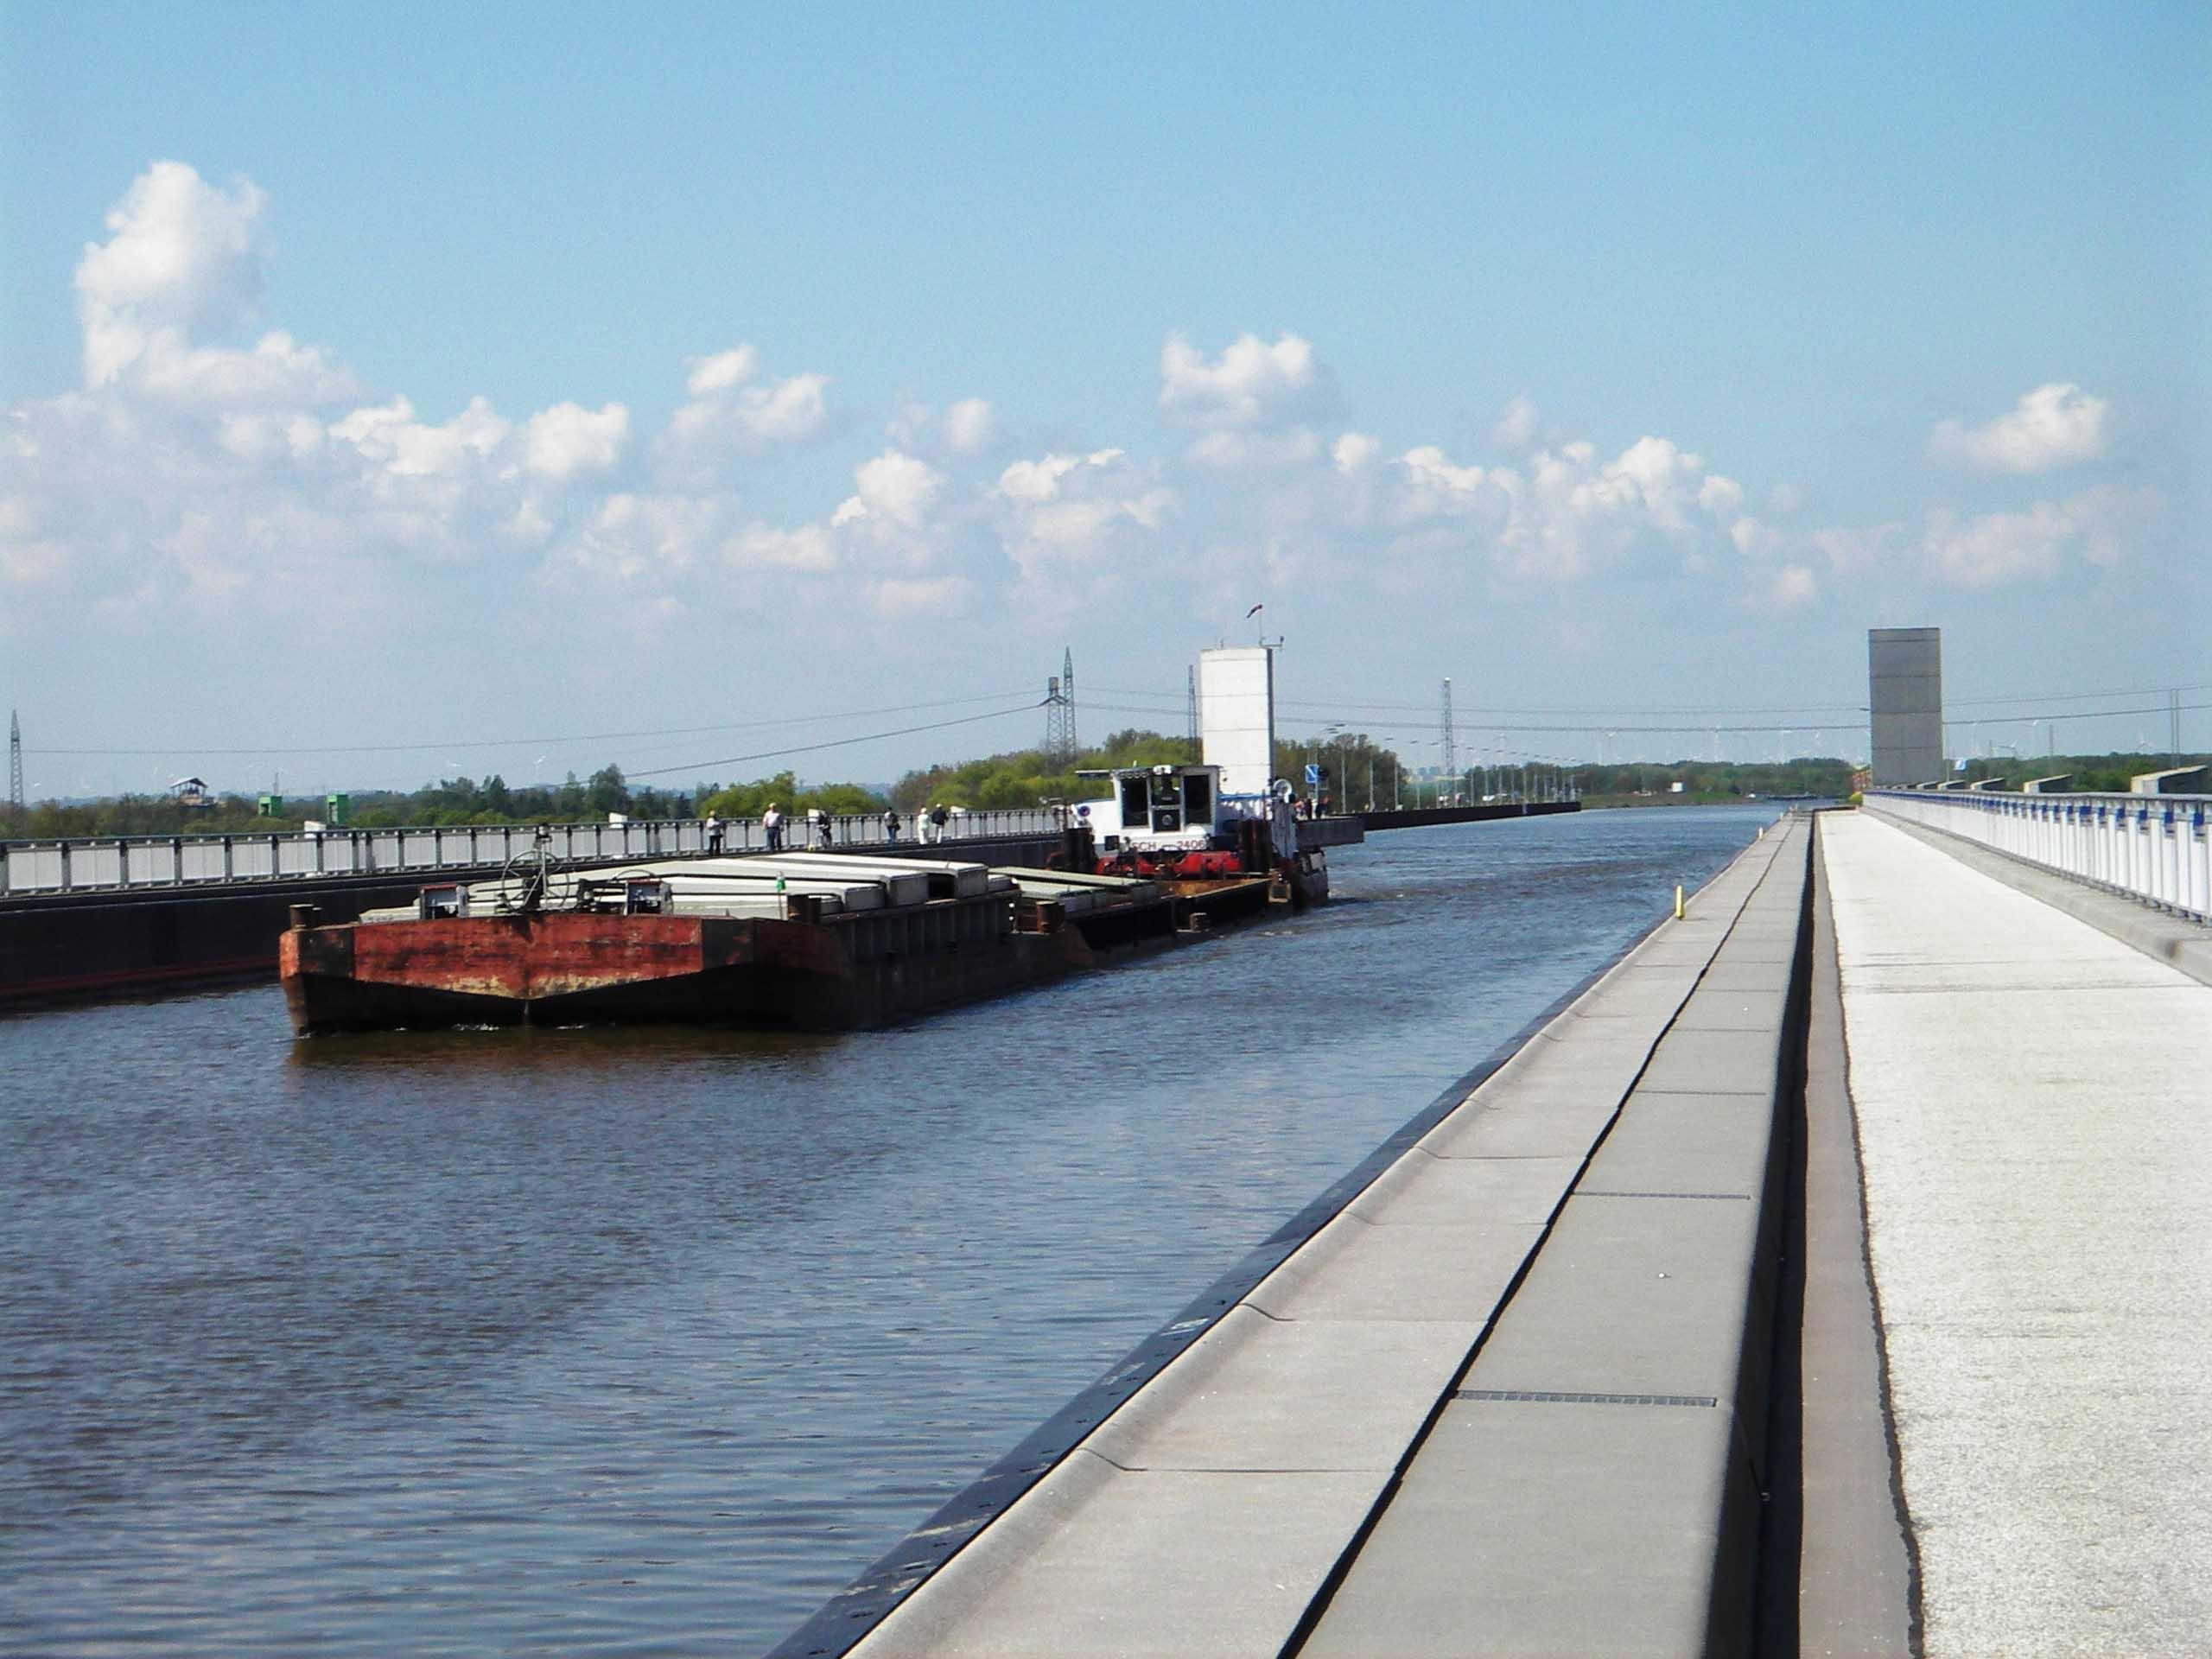 Die Trogbrücke am Wasserstraßenkreuz in Hohenwarthe